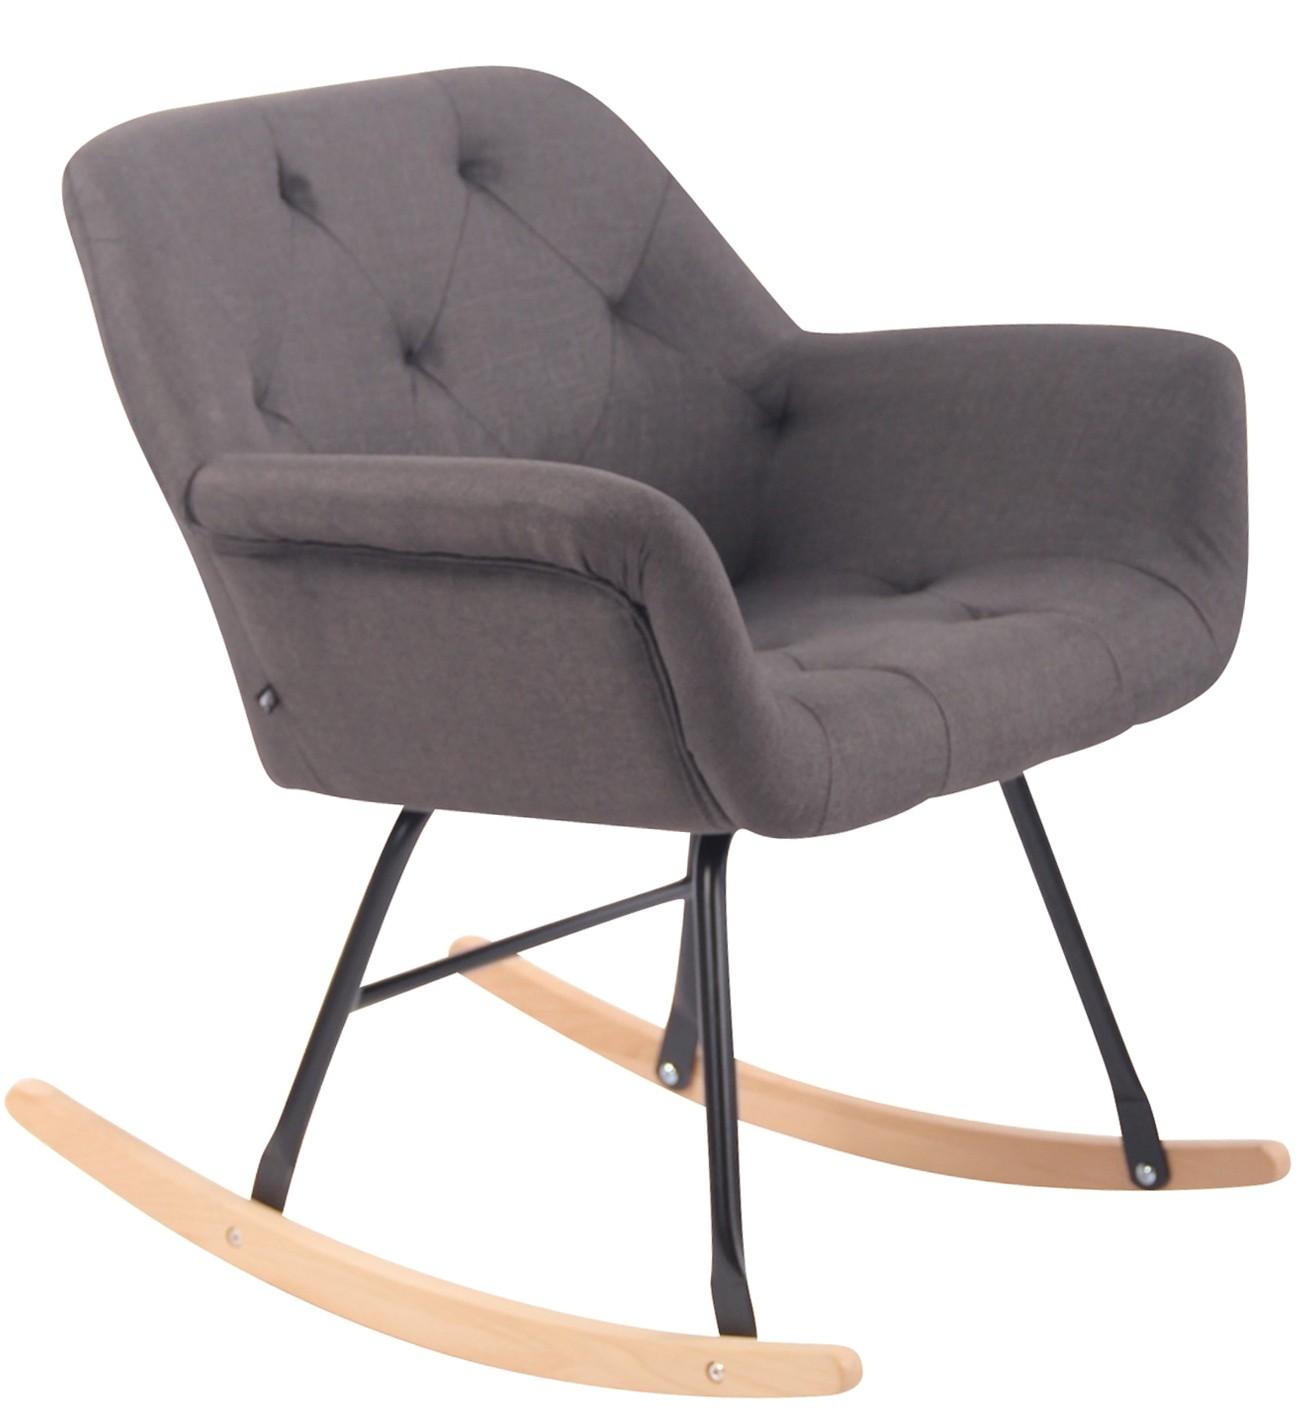 Chaise à bascule Cabot tissu